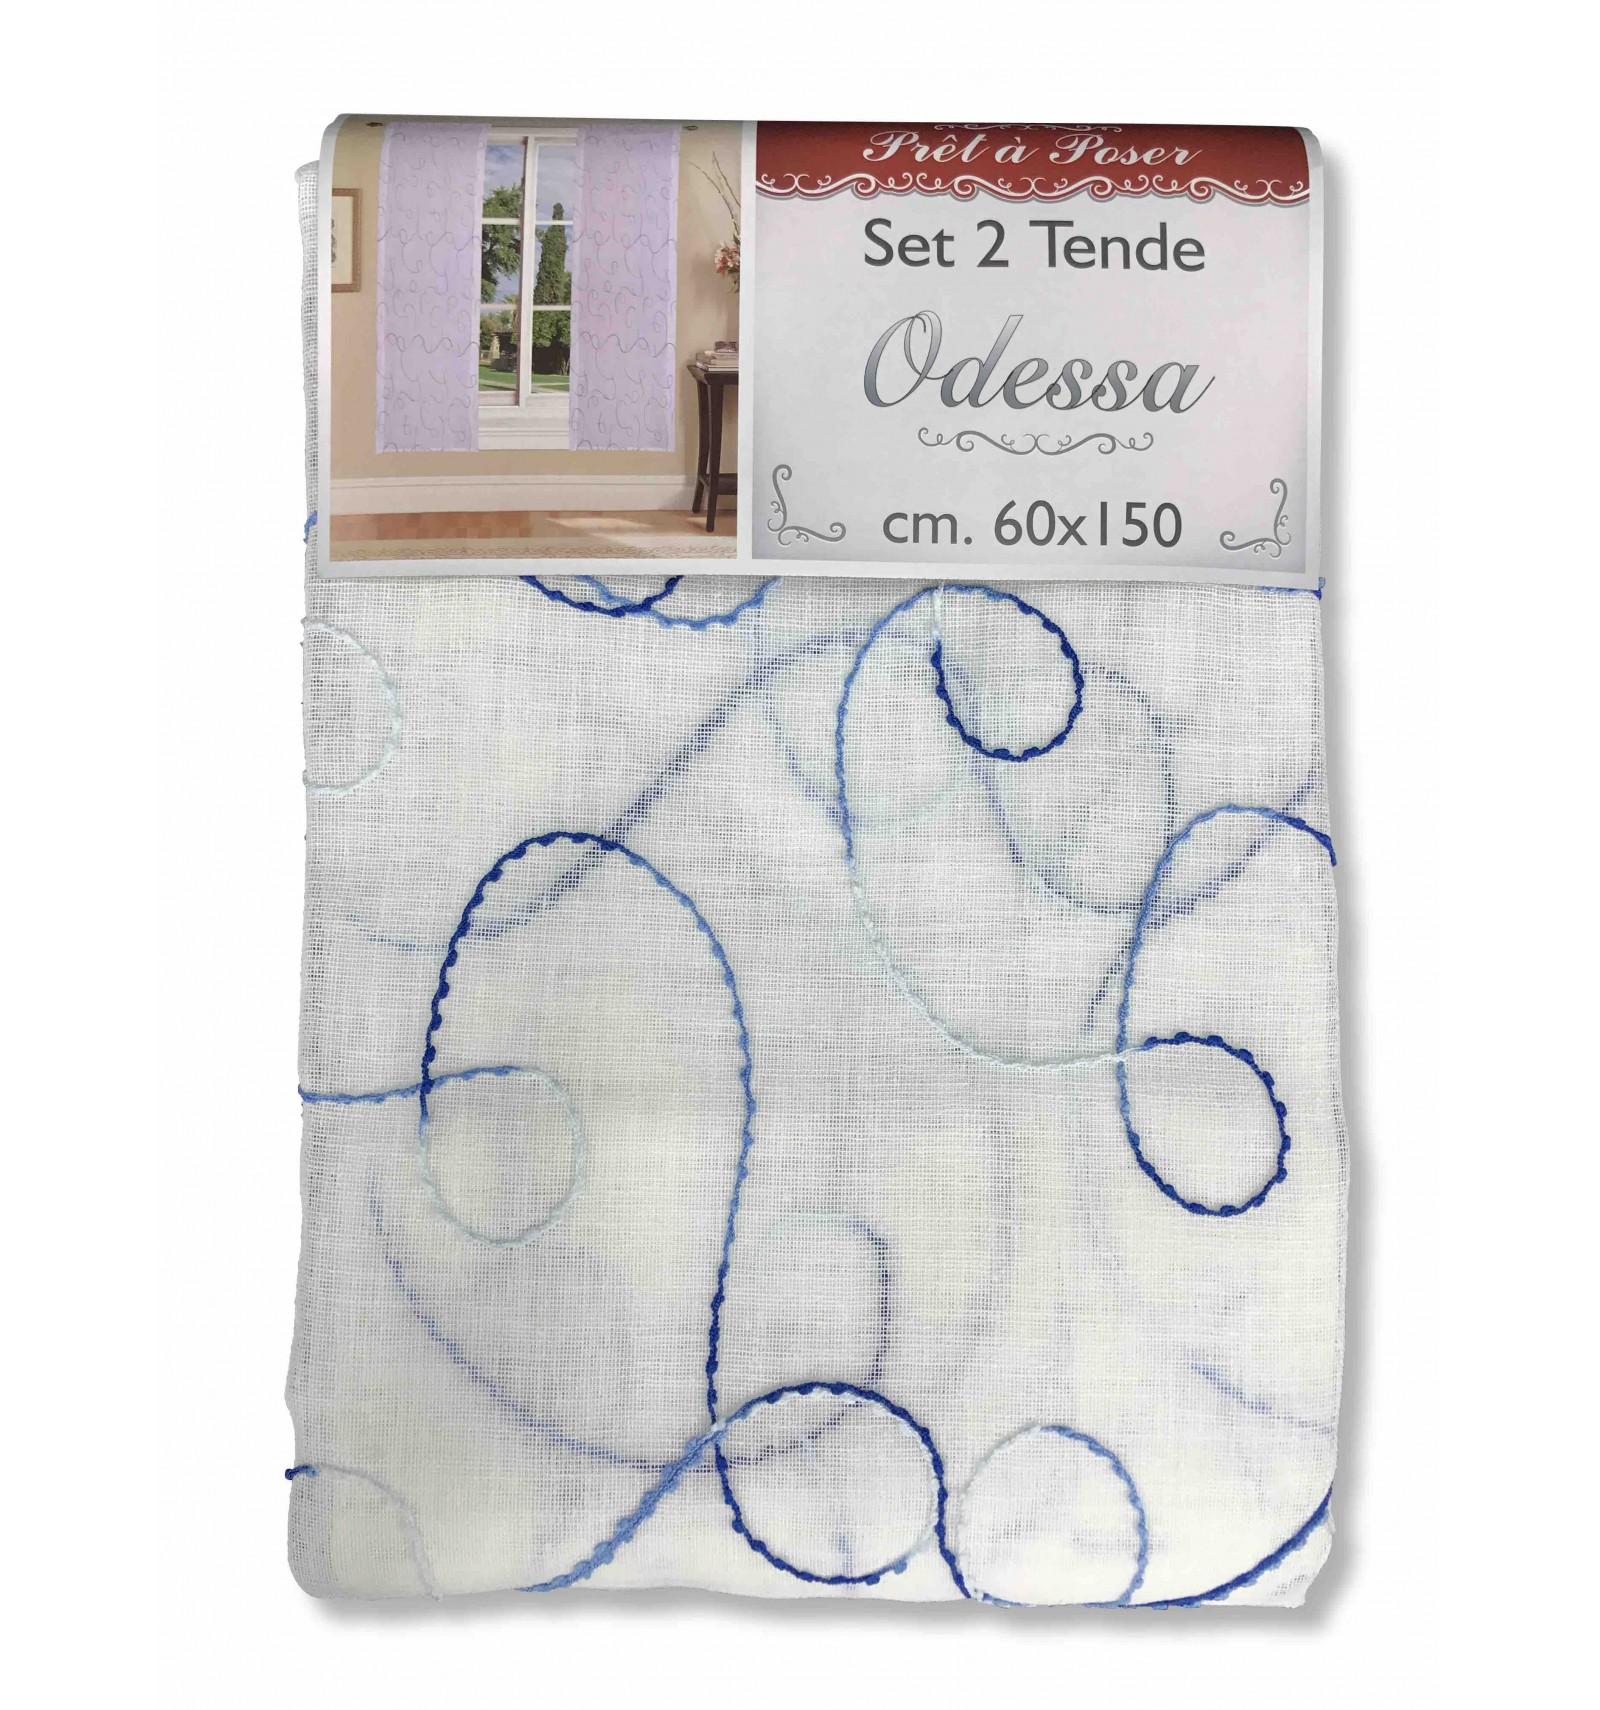 Coppia tendina regolabile vetro odessa ricamata blu la for Tendine a vetro confezionate